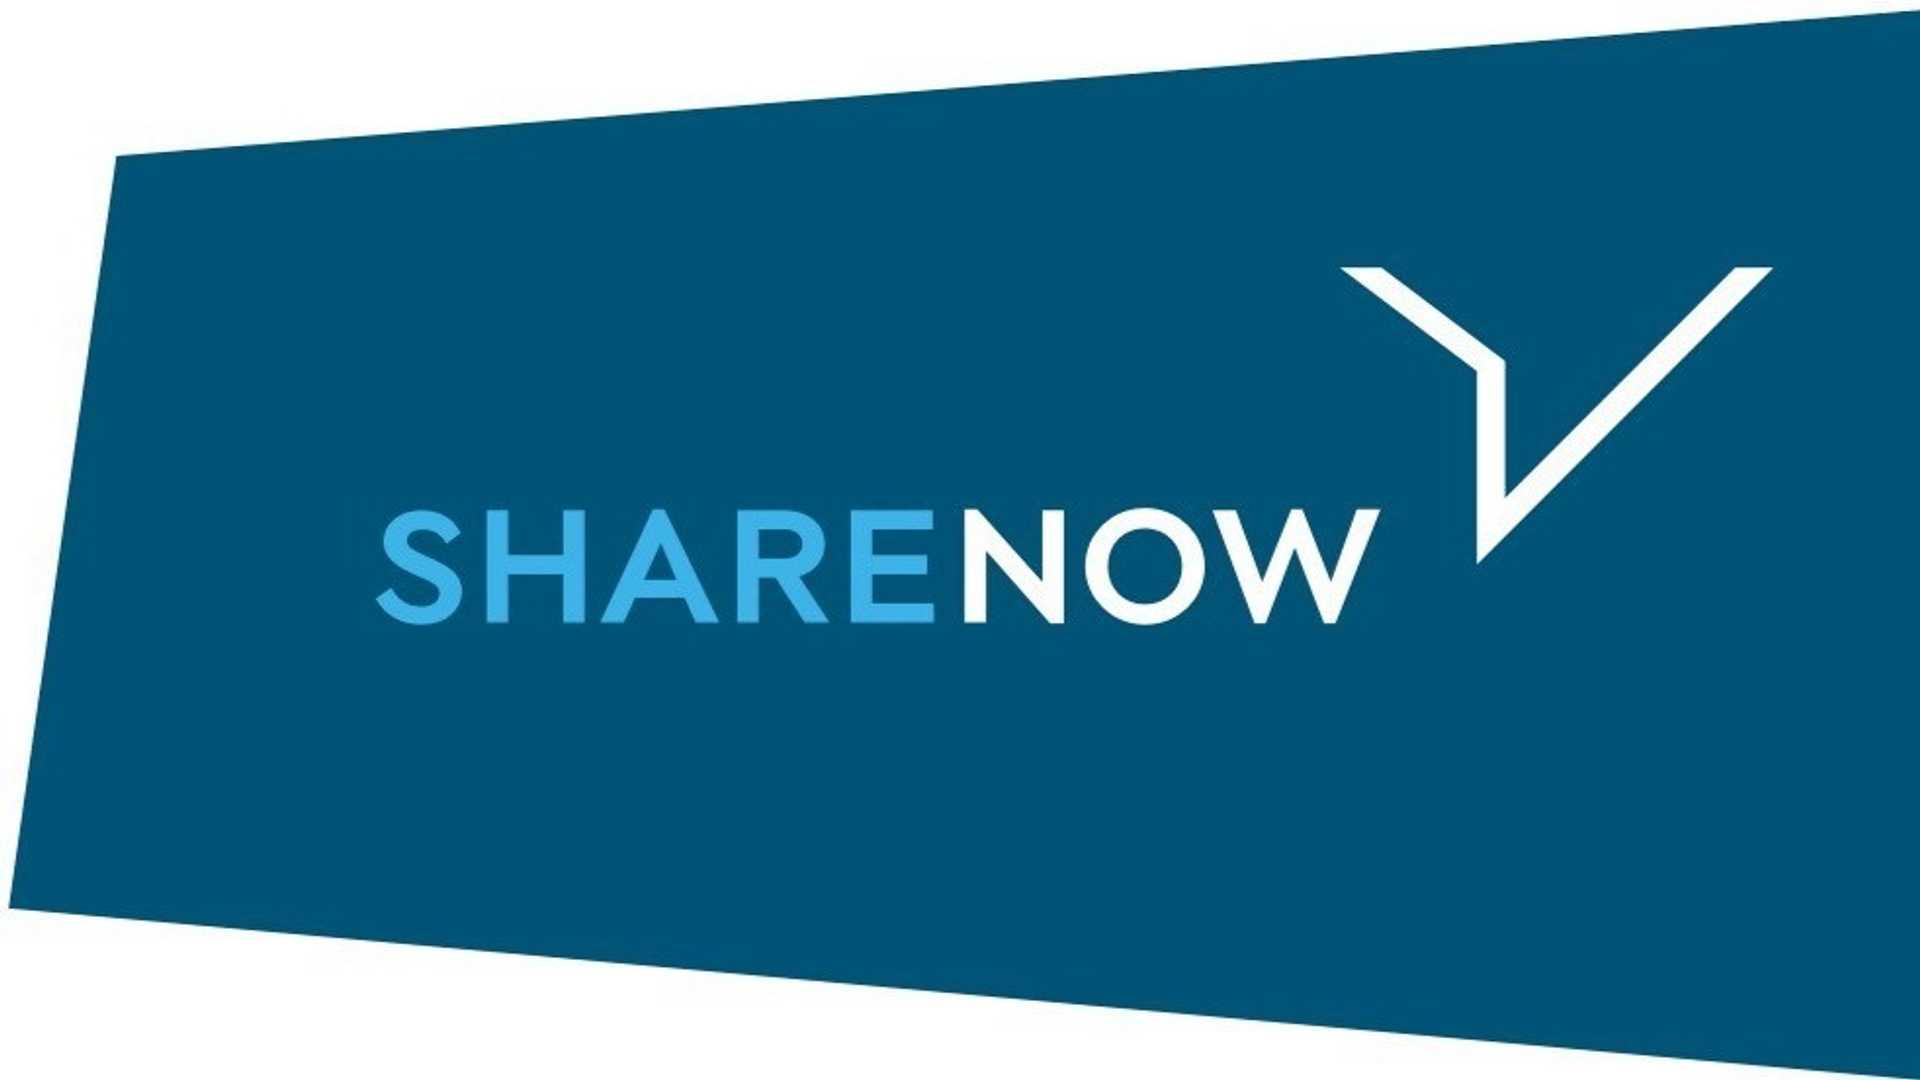 SHARE NOW: il più grande servizio di carsharing al mondo thumbnail